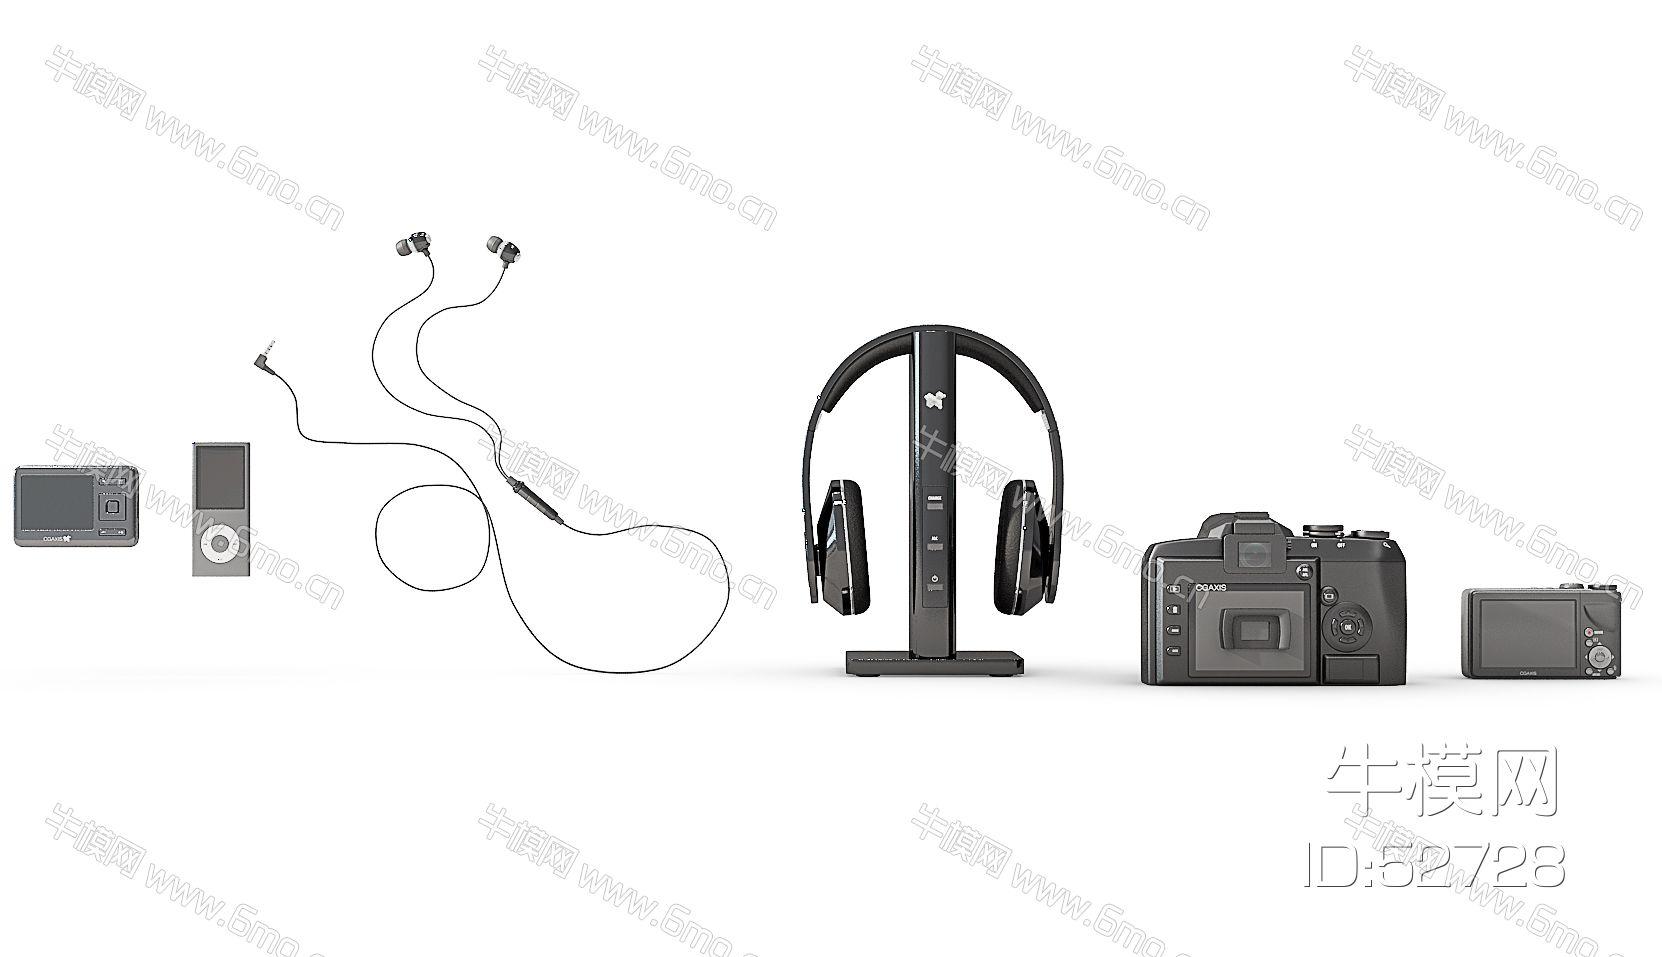 照相机mp3耳机组合